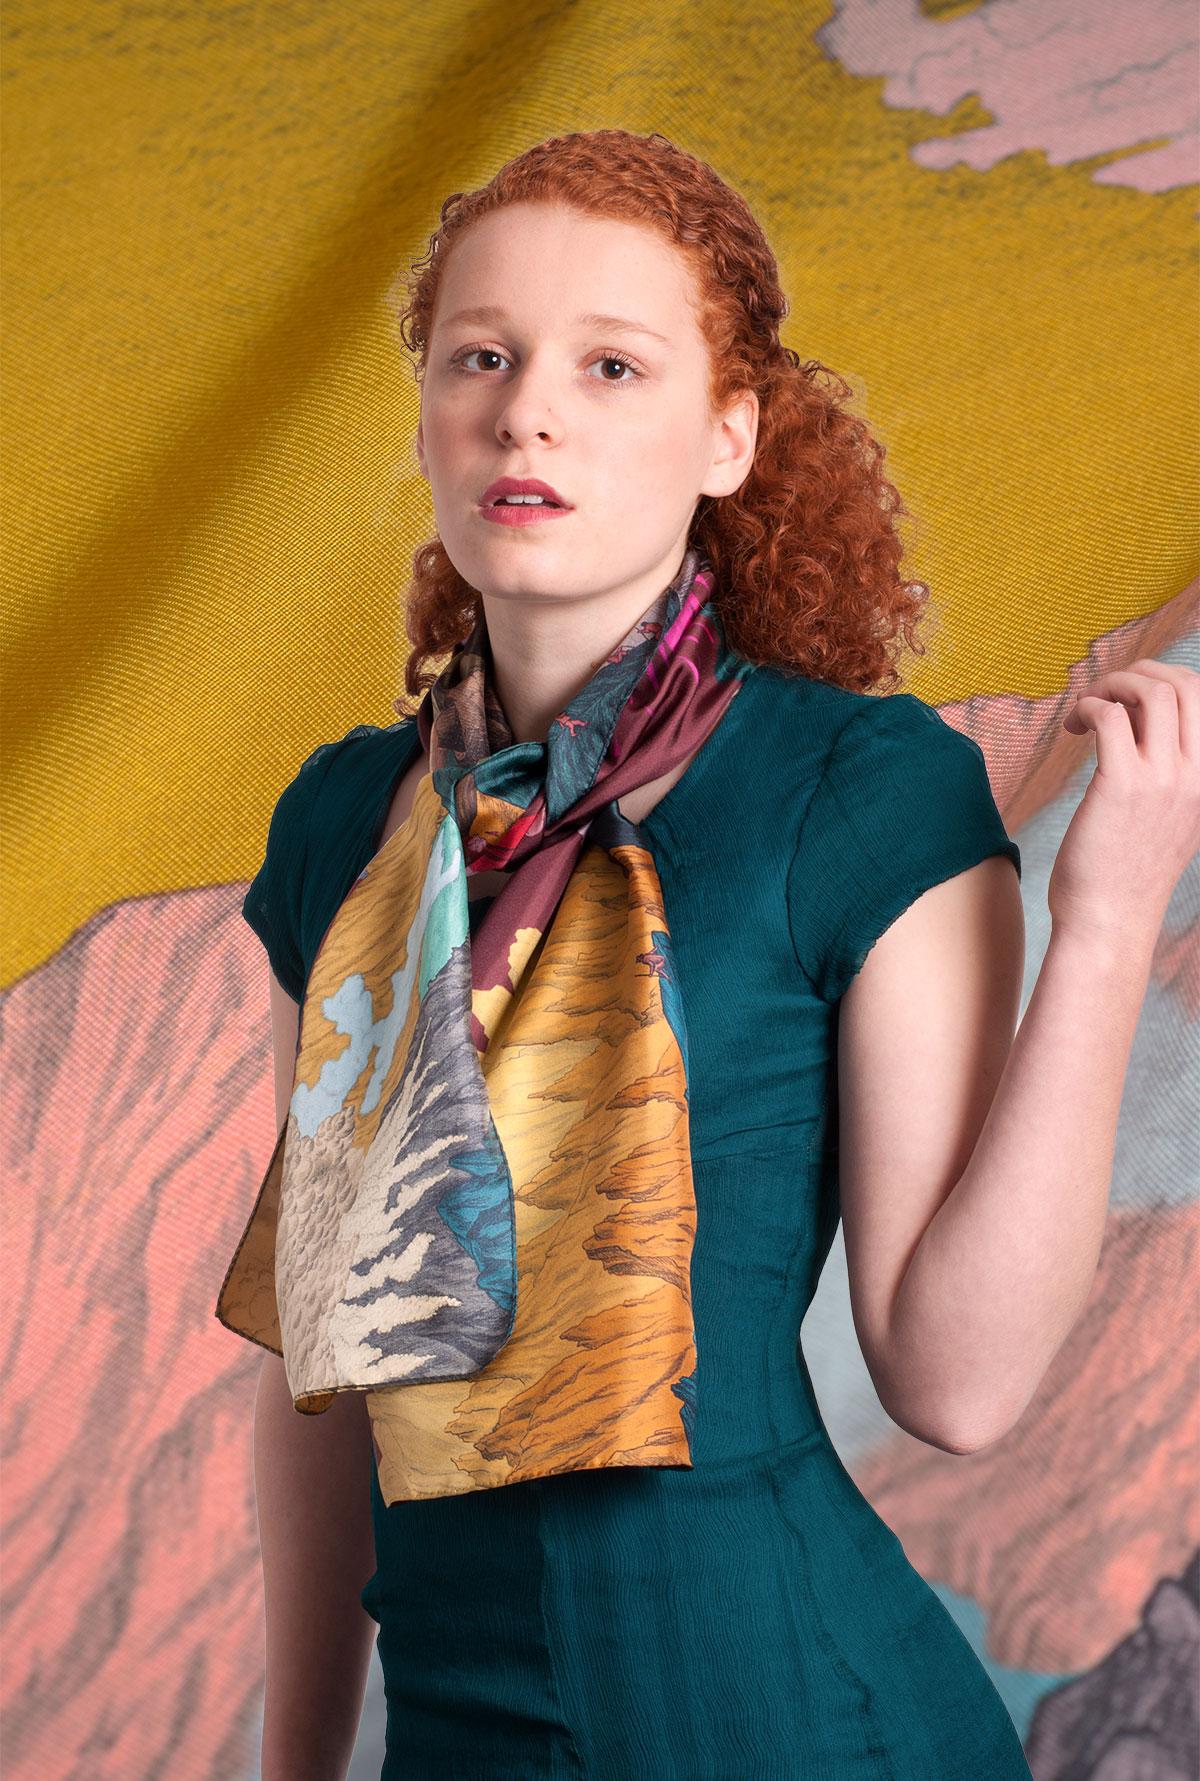 jeune fille portant unfoulard Volcan bordeau et jaune